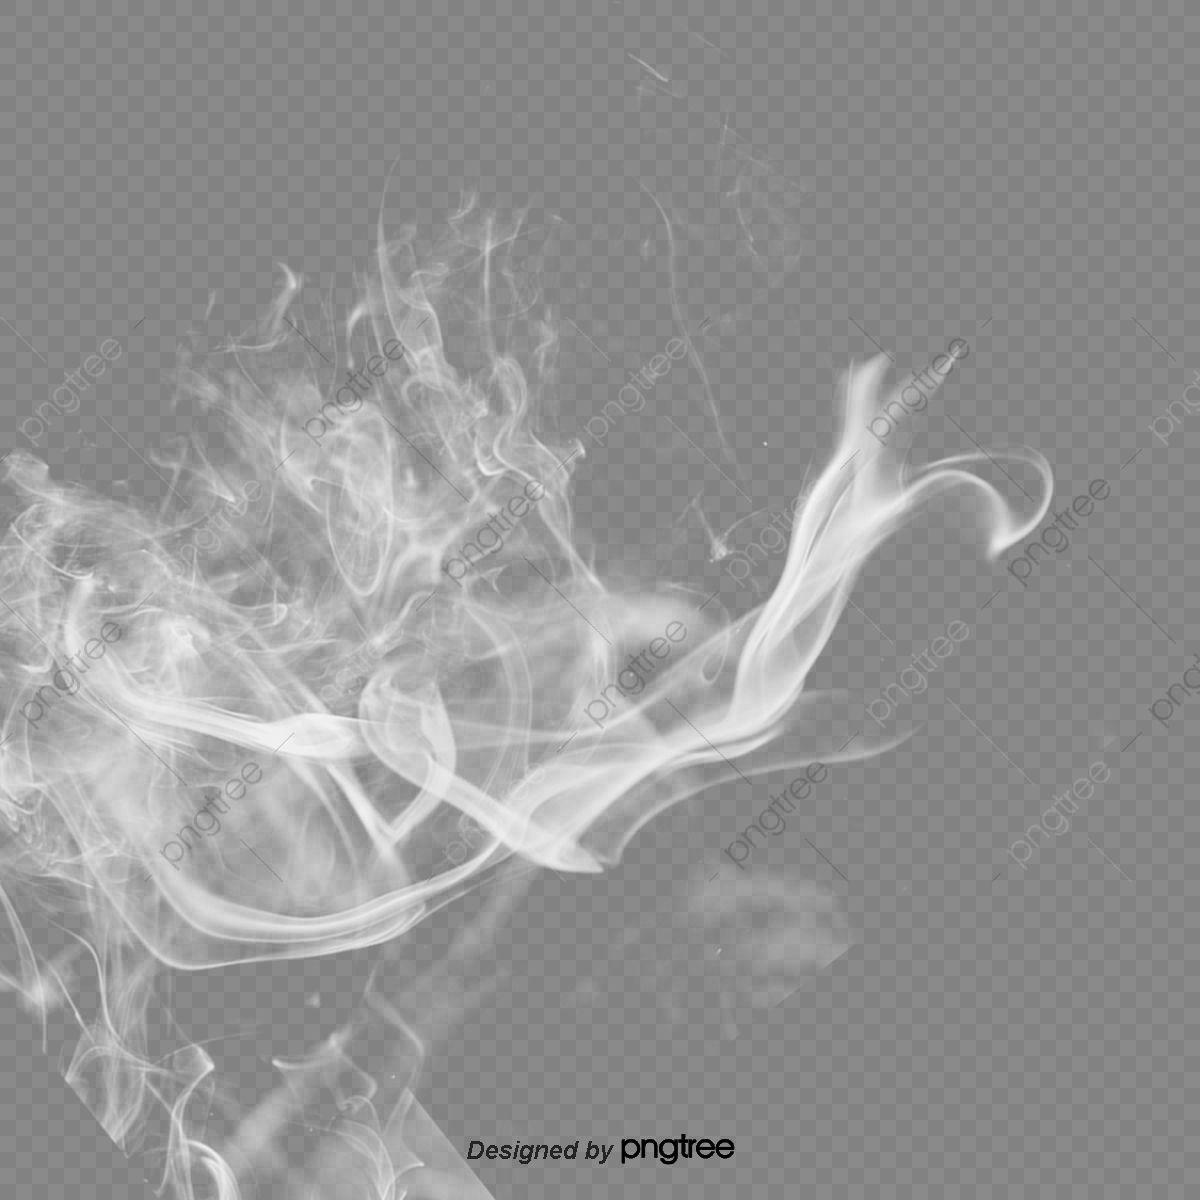 عنصر انتشار الدخان الأبيض جزء أبيض ضباب Png وملف Psd للتحميل مجانا Smoke Background Smoke Pictures Live Wallpaper Iphone